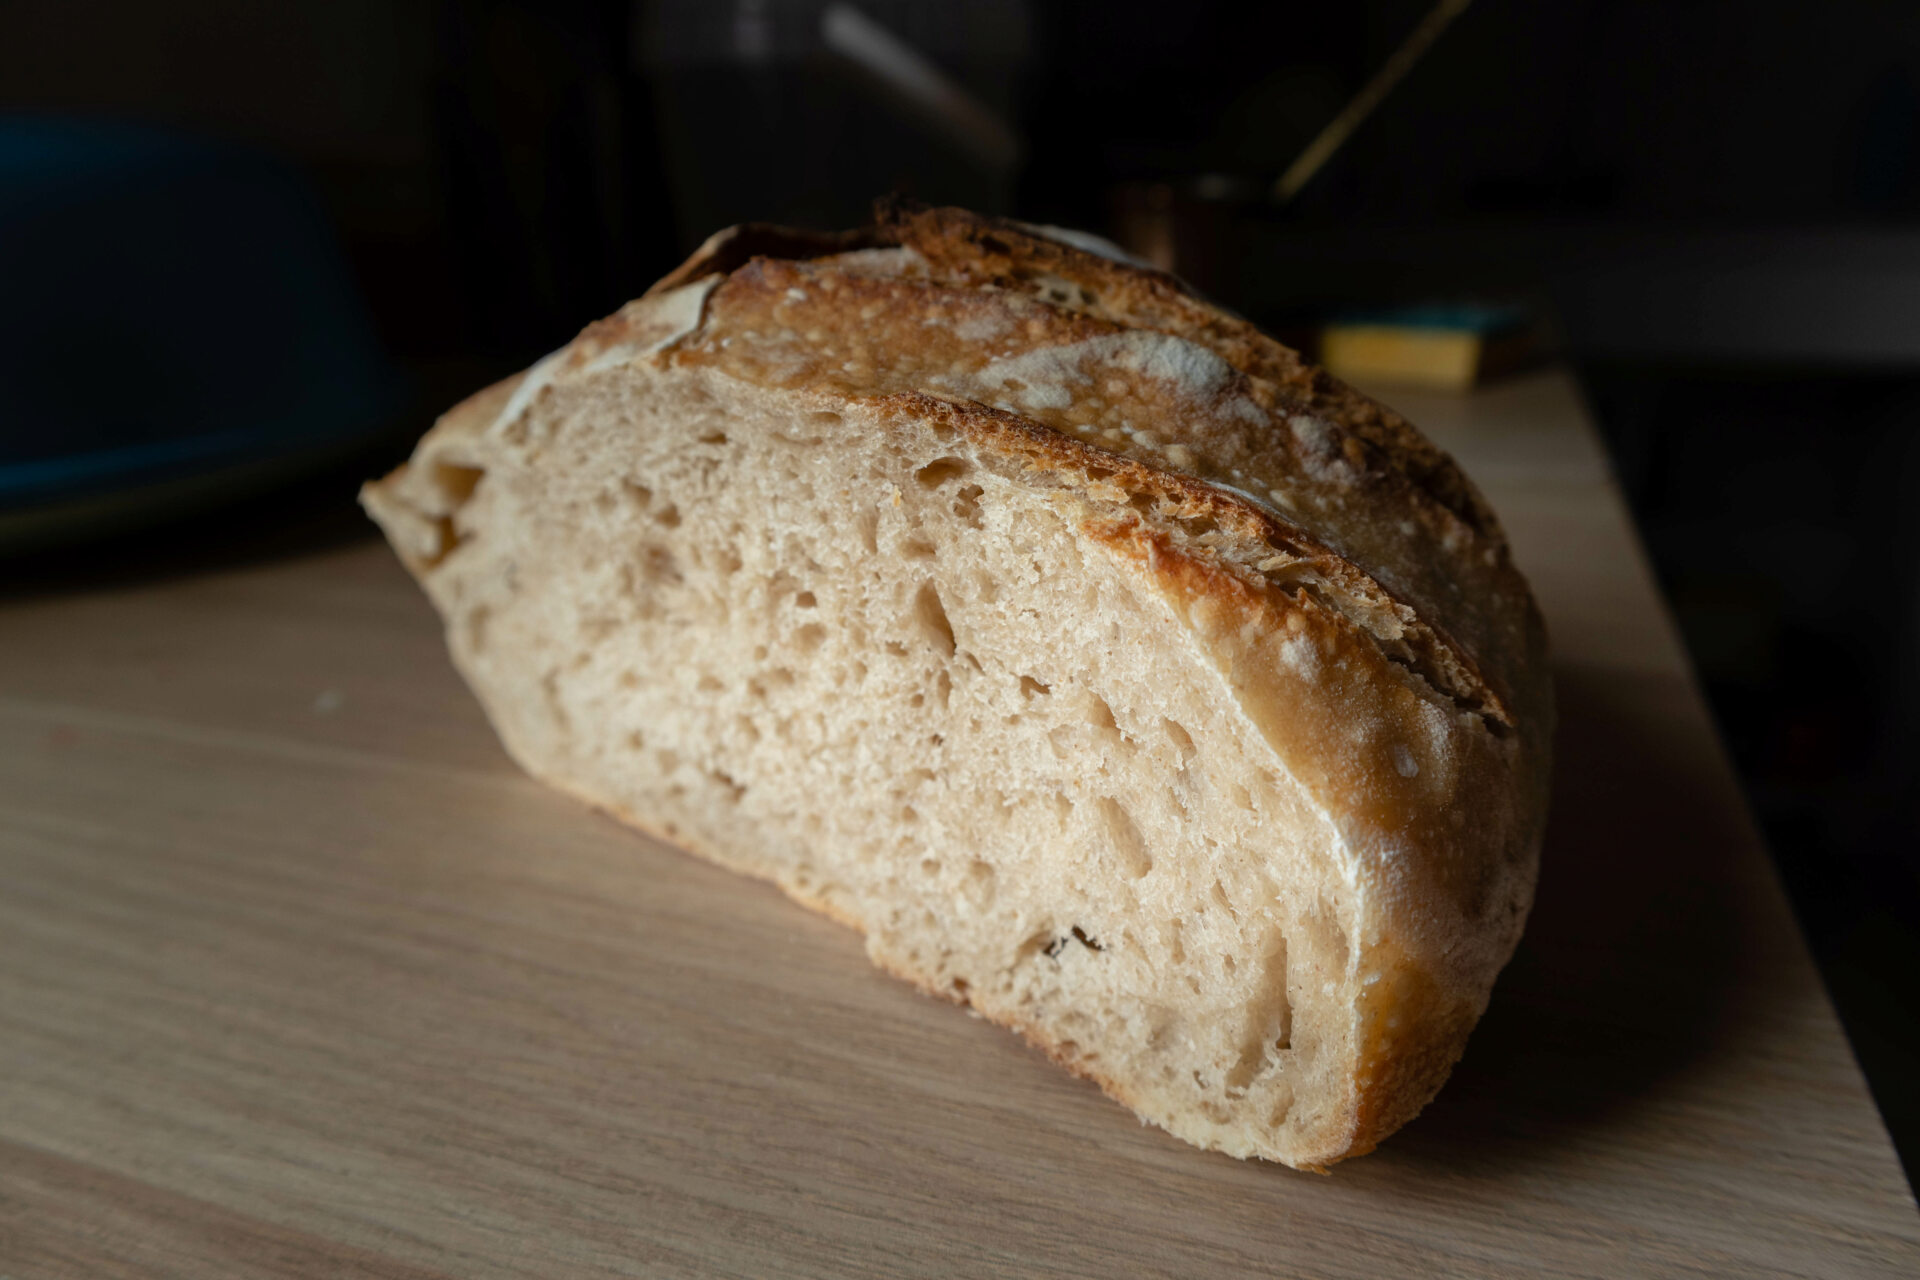 photographie d'un pain au levain à la croûte bien dorée et à la mie aérée, grâce au travail du levain